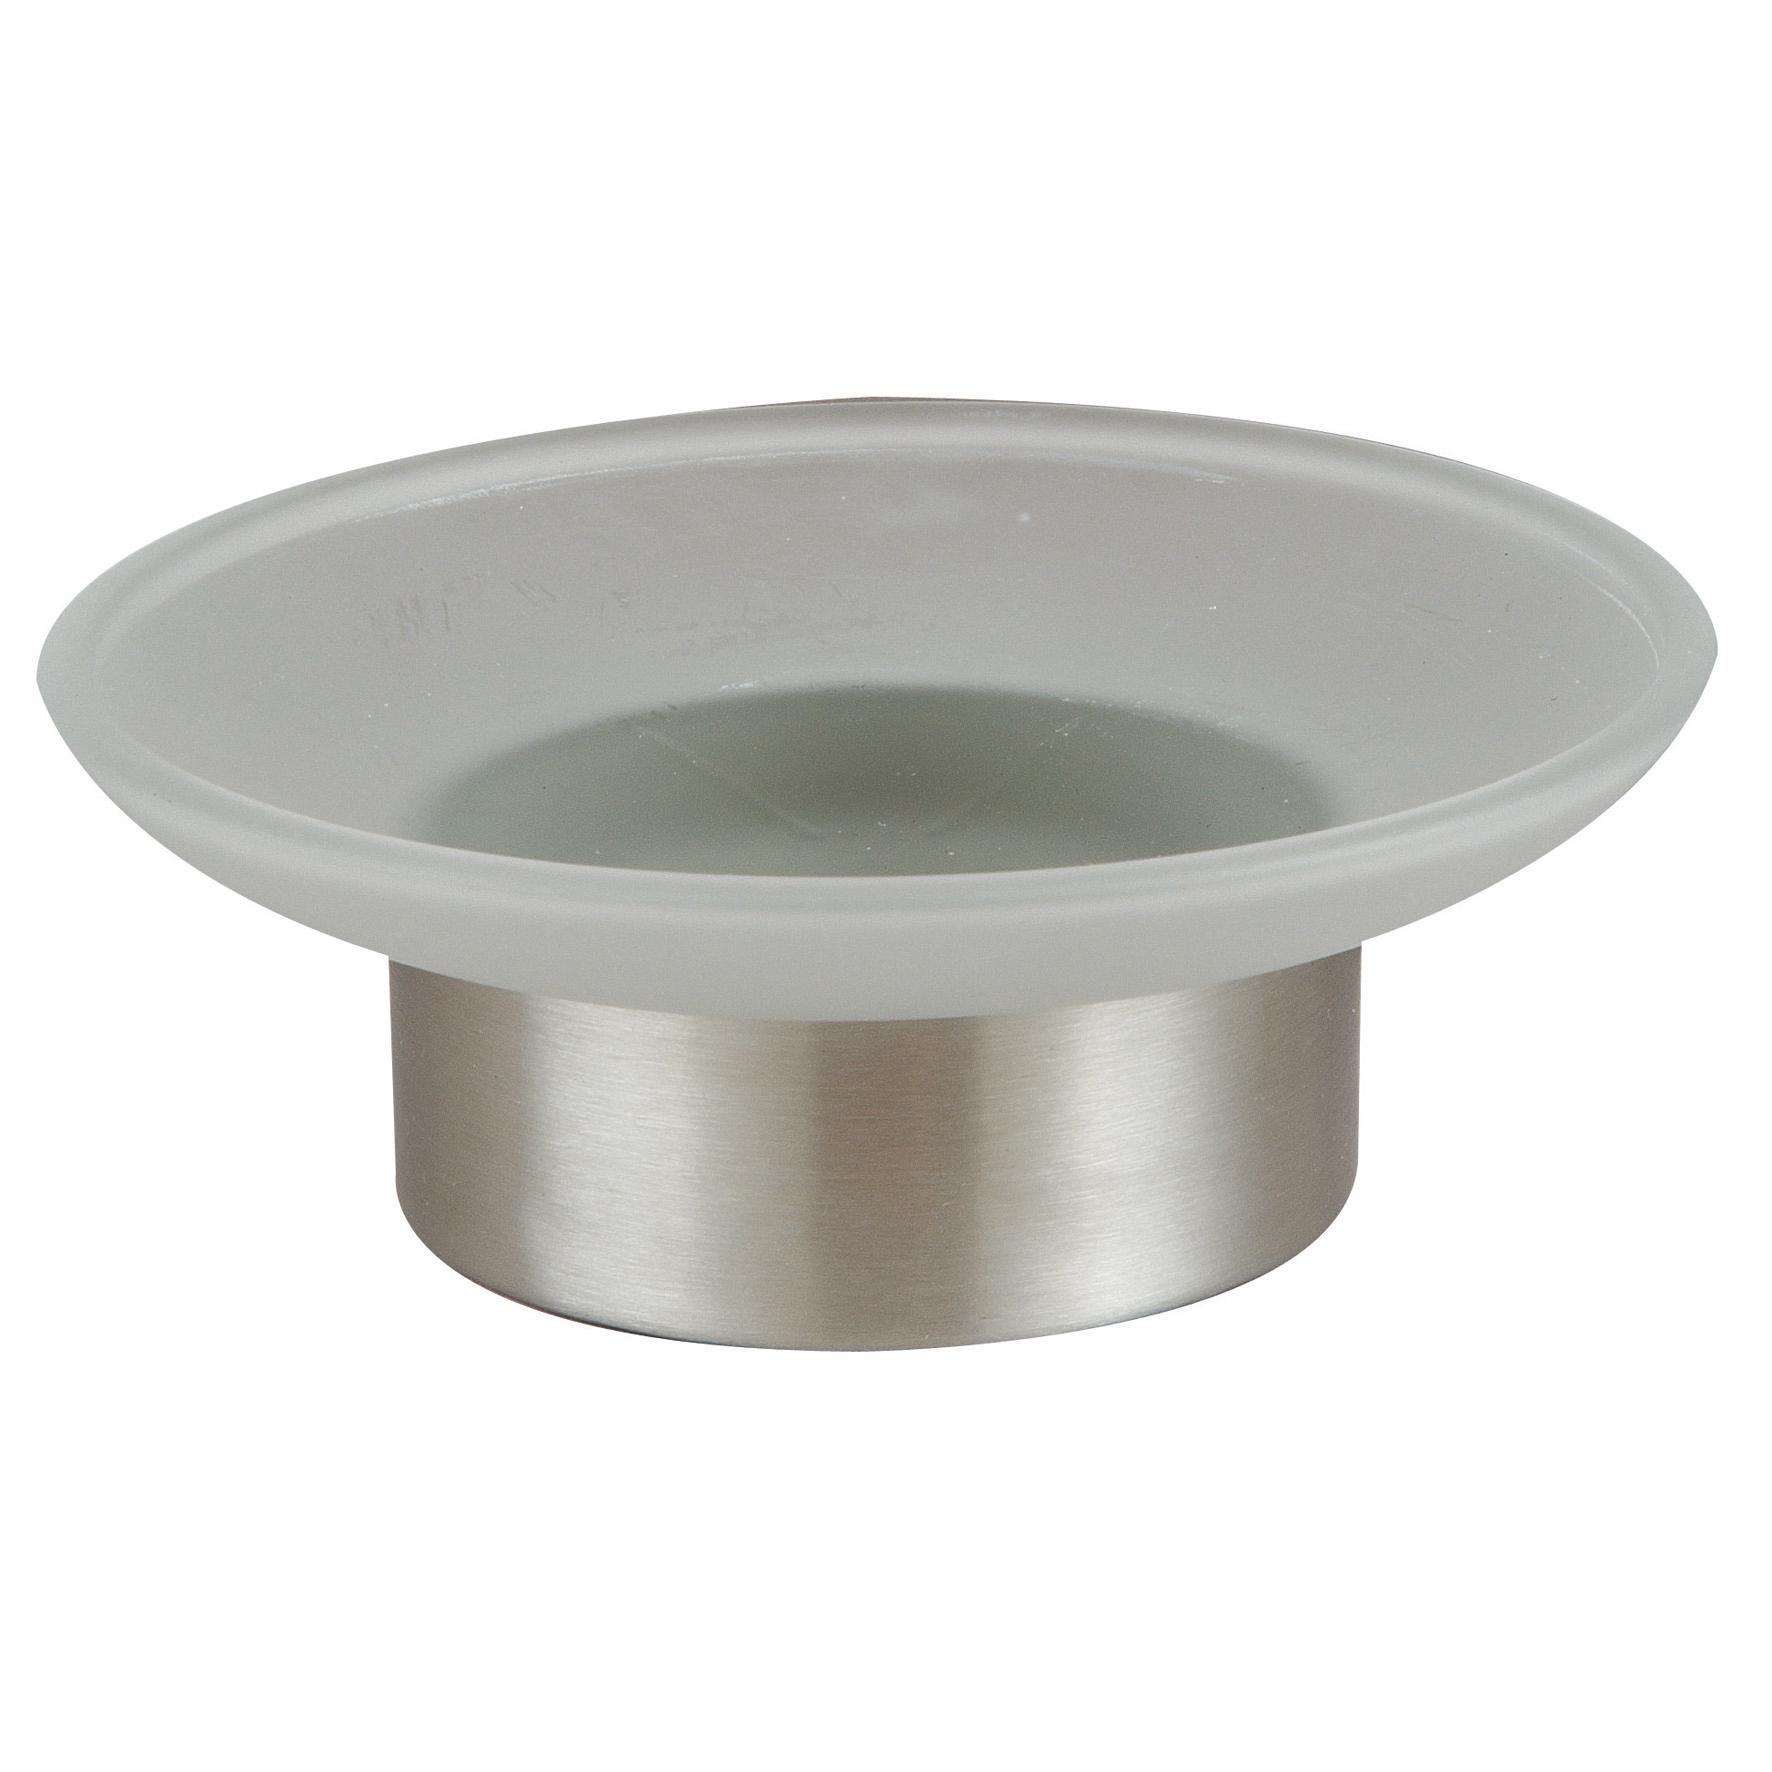 Мыльница Axentia Neapel, диаметр 11 см116942Мыльница Axentia Neapel изготовлена из матового стекла в сочетании с нержавеющей сталью. Изделие отлично дополнит интерьер вашей ванной комнаты или кухни, отлично сочетается с другими аксессуарами из коллекции Neapel. Диаметр мыльницы: 11 см. высота мыльницы: 4 см.